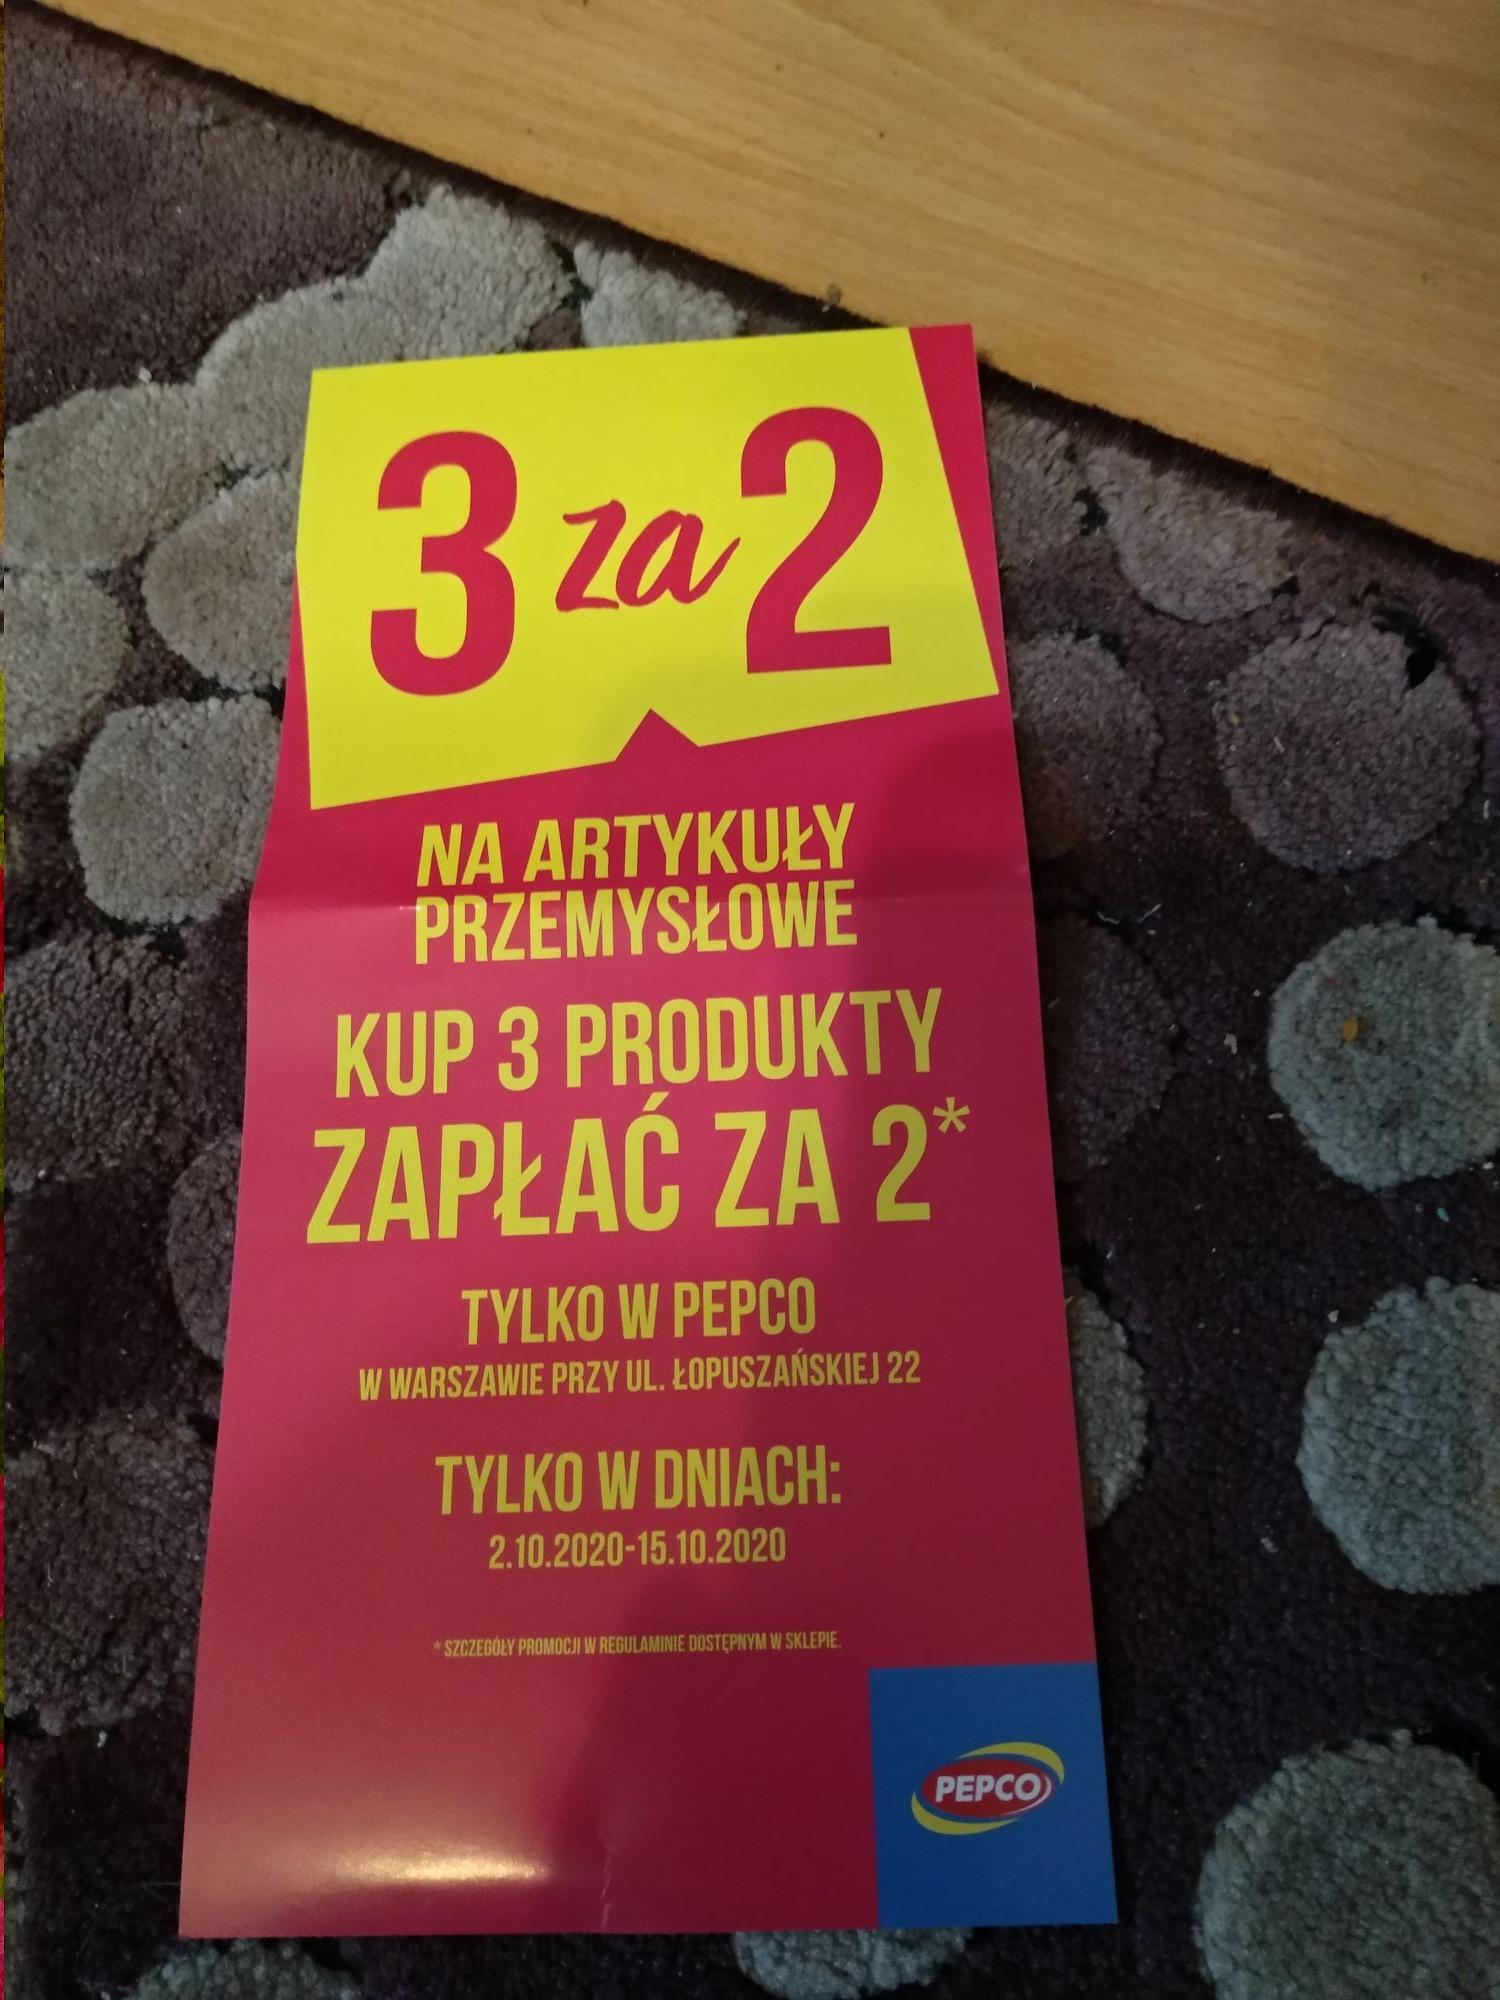 Pepco 3 za 2 artykuły przemysłowe, warszawa Łopuszańska*